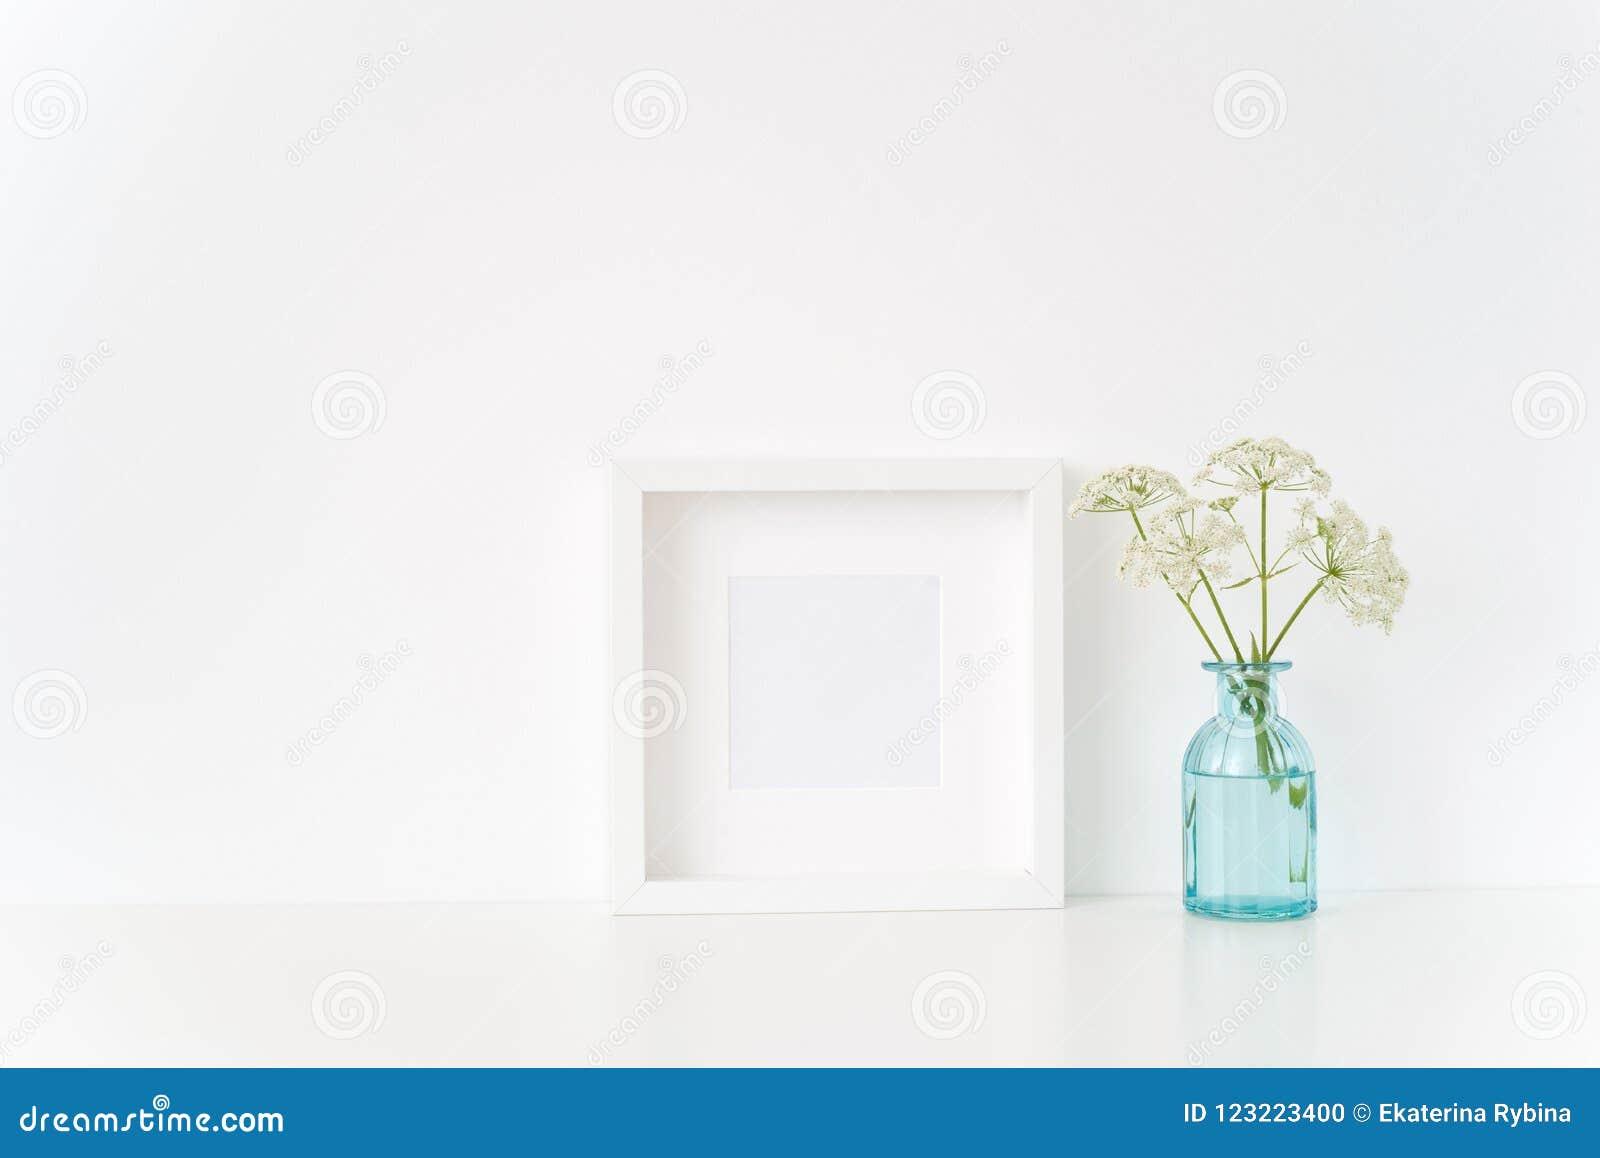 Милая насмешка рамки белого квадрата вверх с Aegopodium в прозрачной голубой вазе Модель-макет для цитаты, продвижения, заголовка